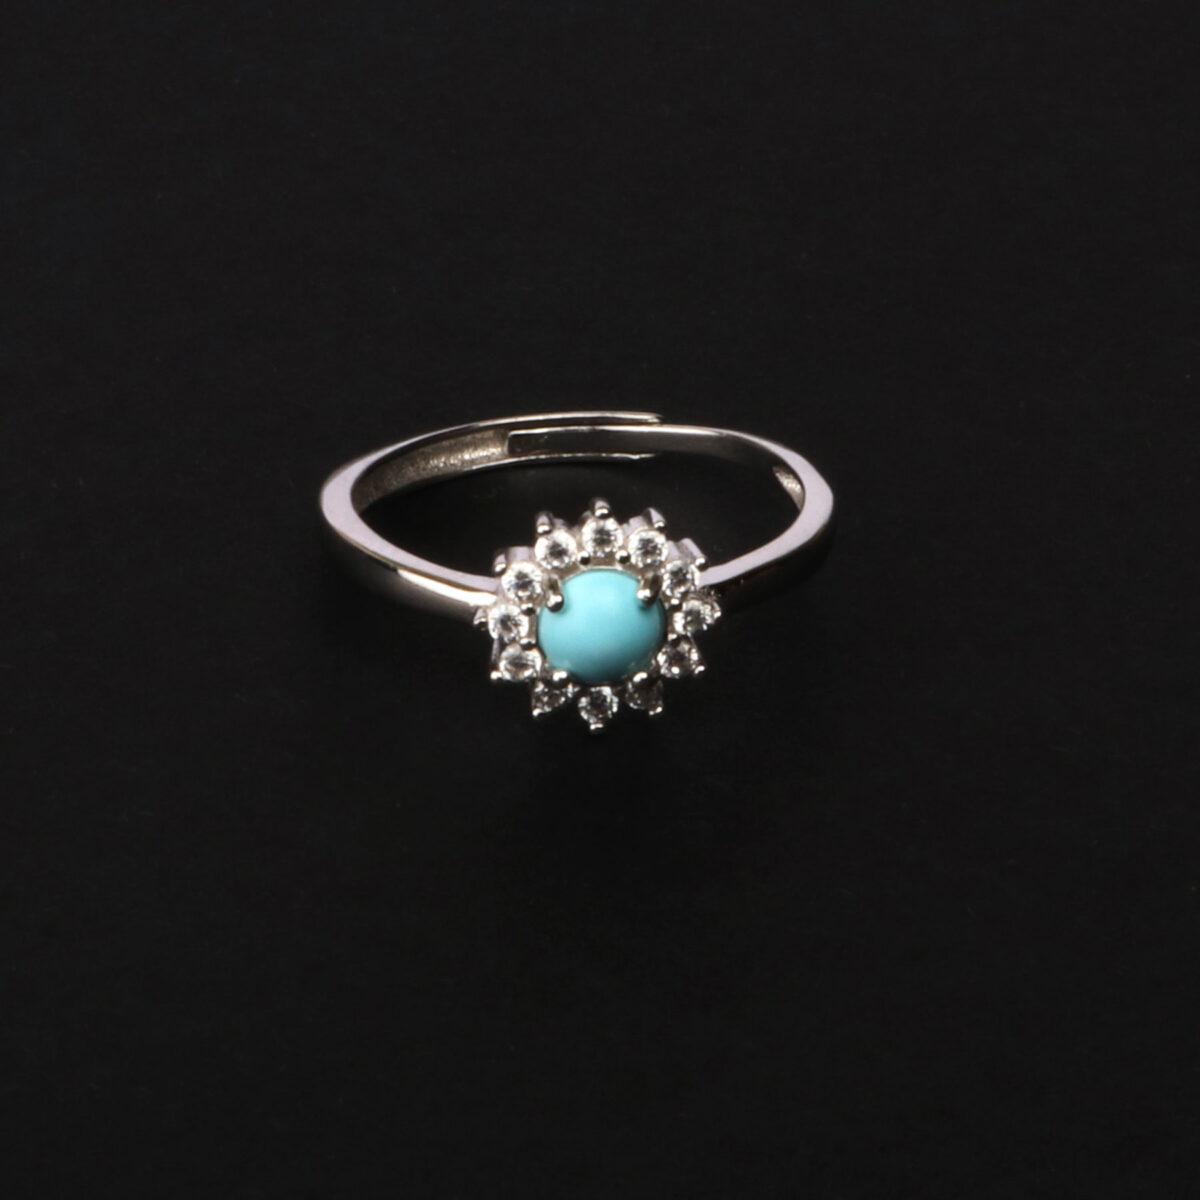 anello essence in argento e agglomerato di turchese